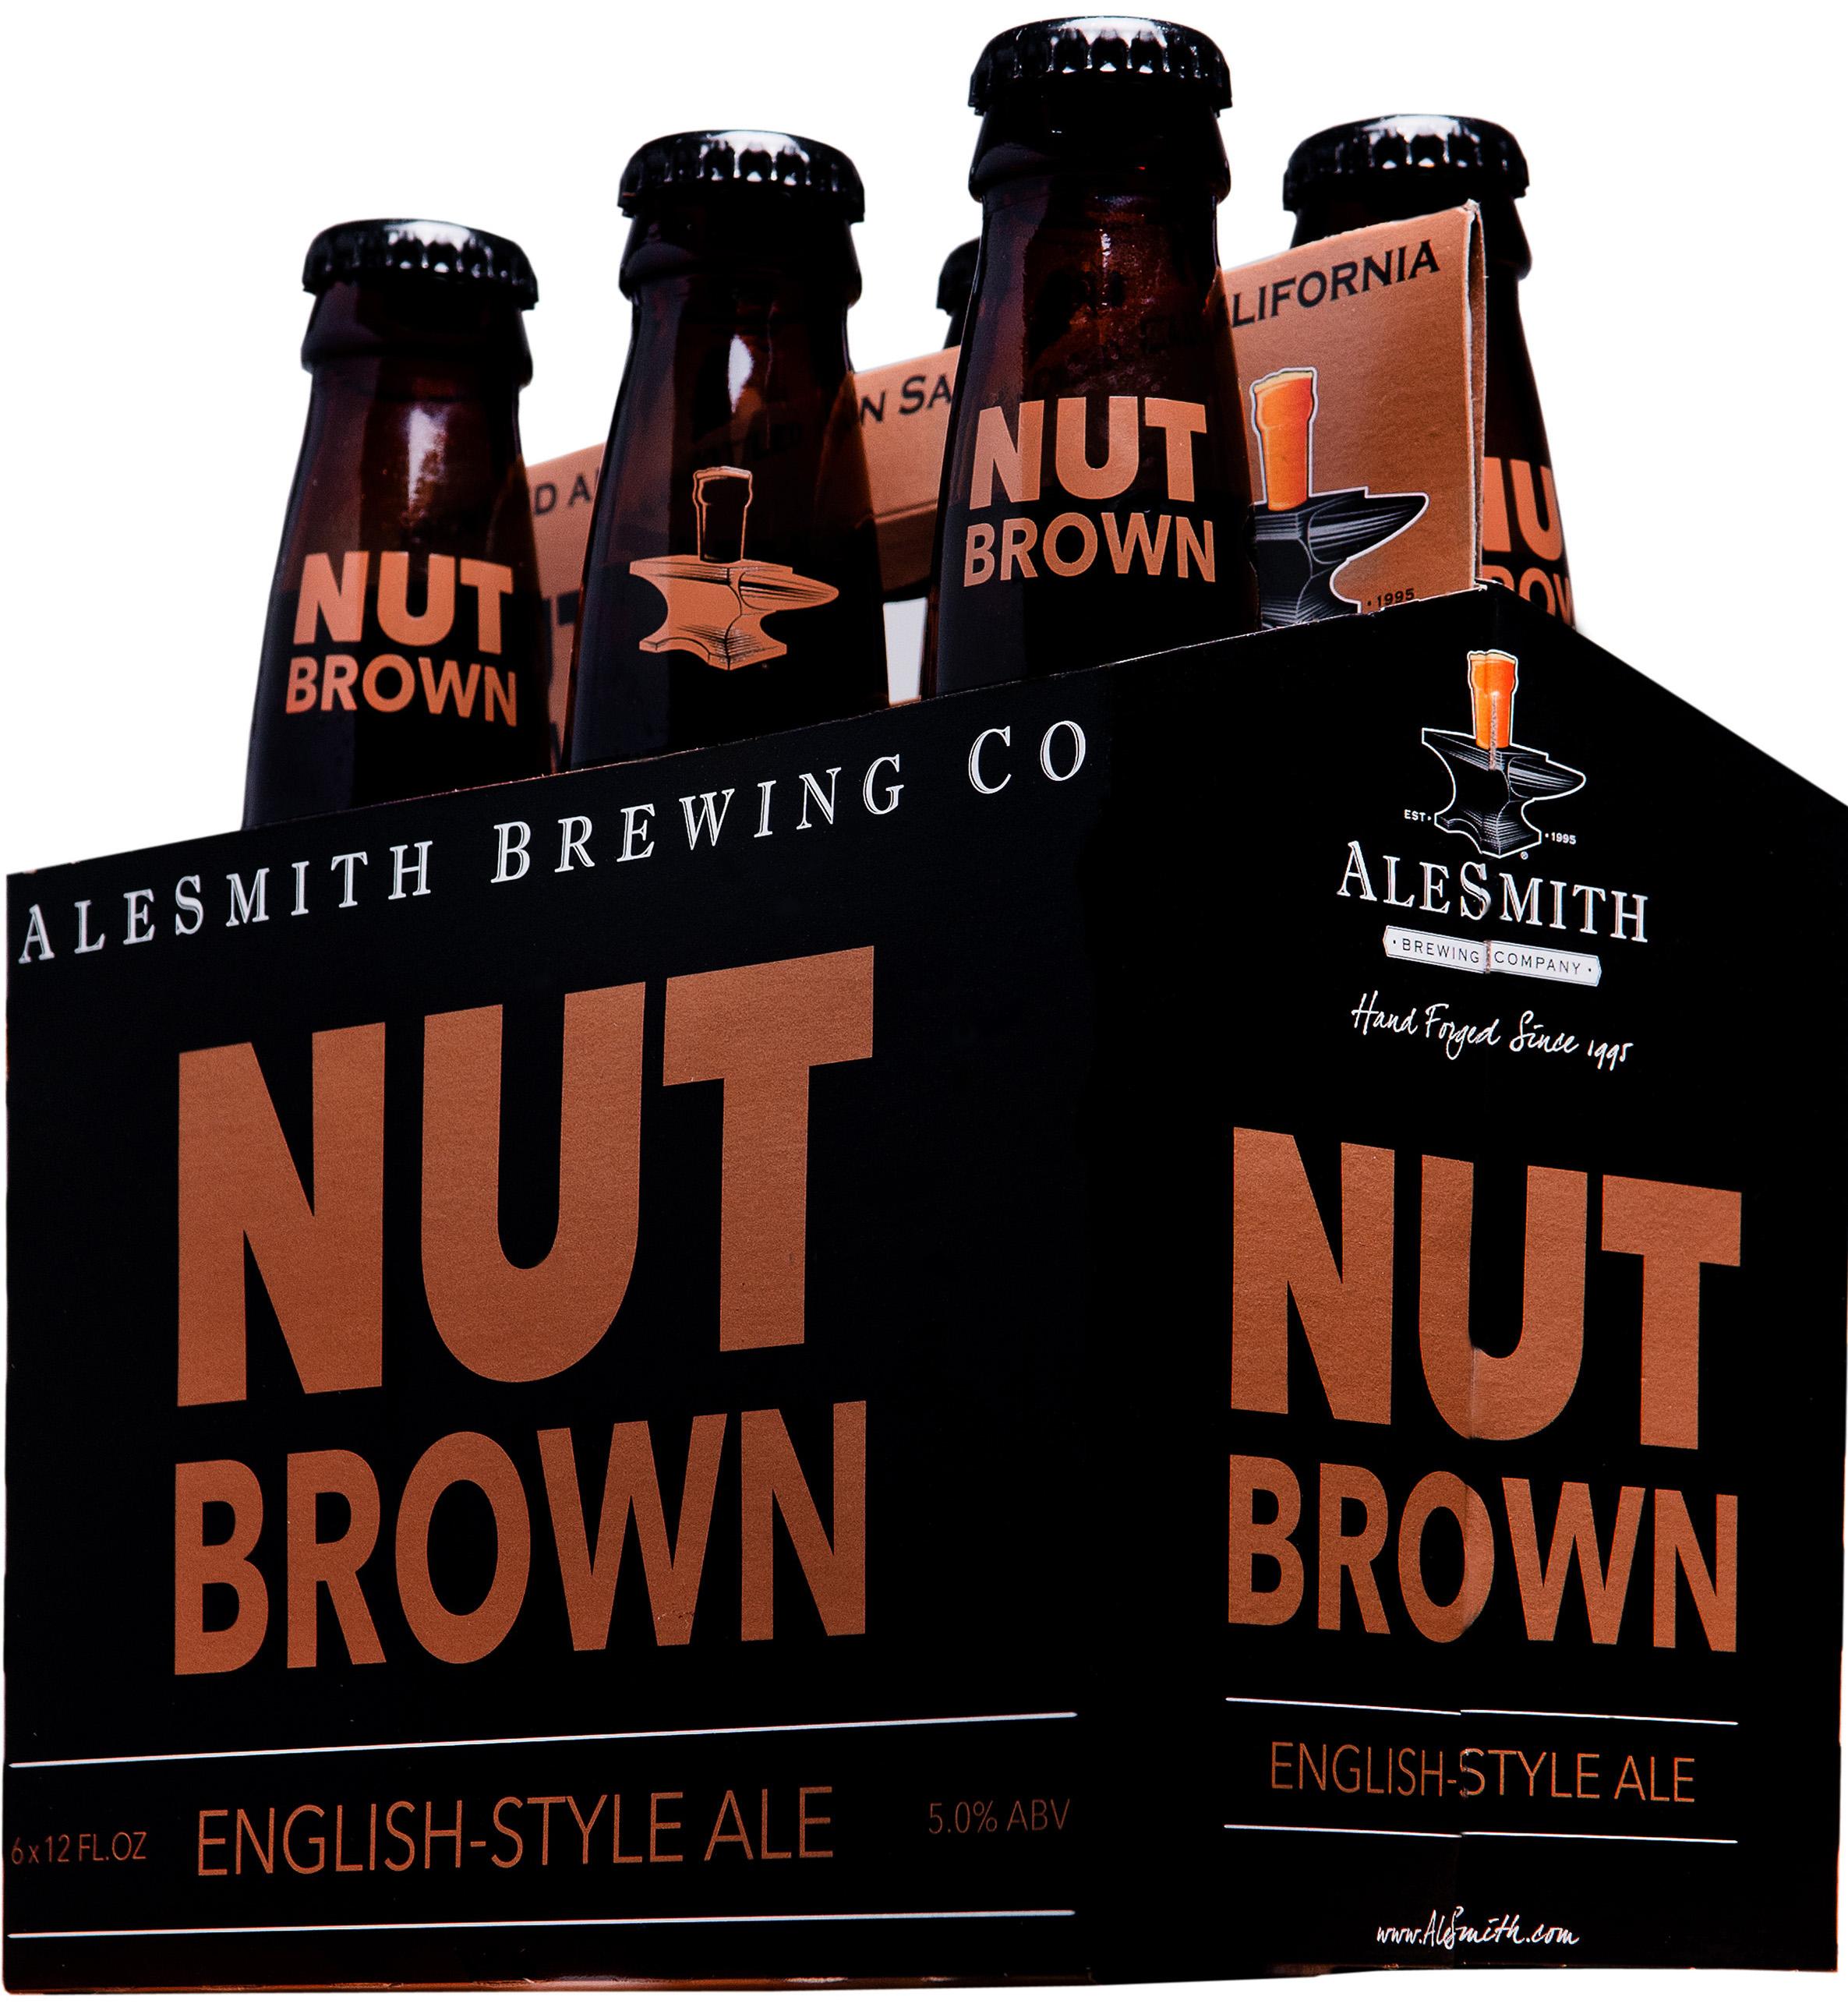 Alesmith Brewing Company's Nut Brown Ale